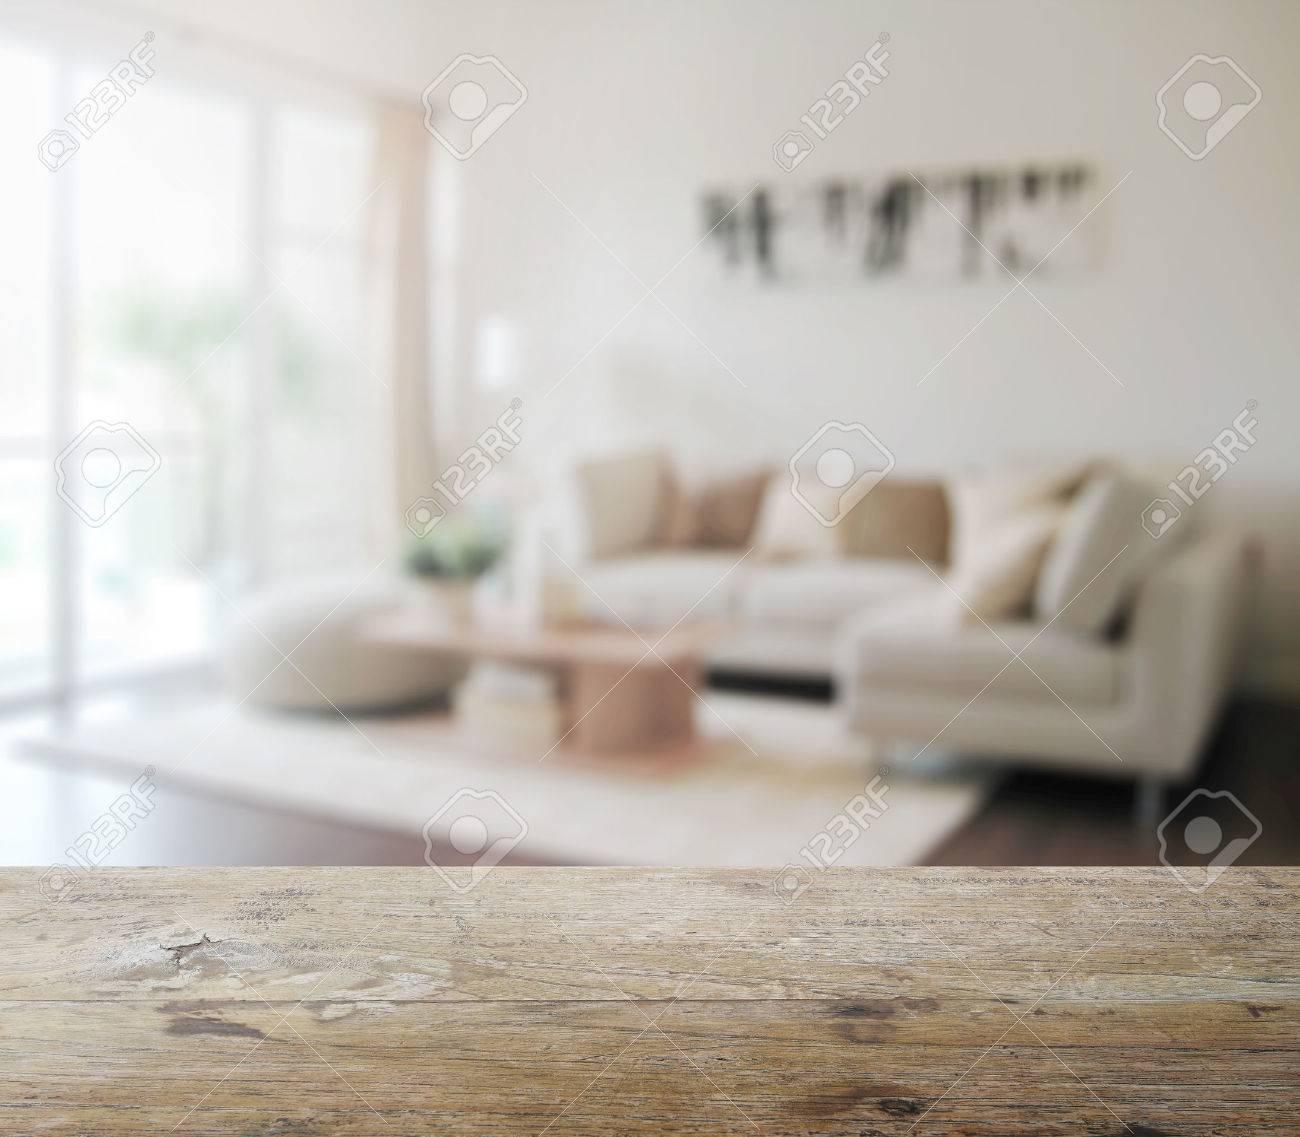 Holztisch Wohnzimmer. Affordable Couchtisch Wohnzimmer Sardegna ...